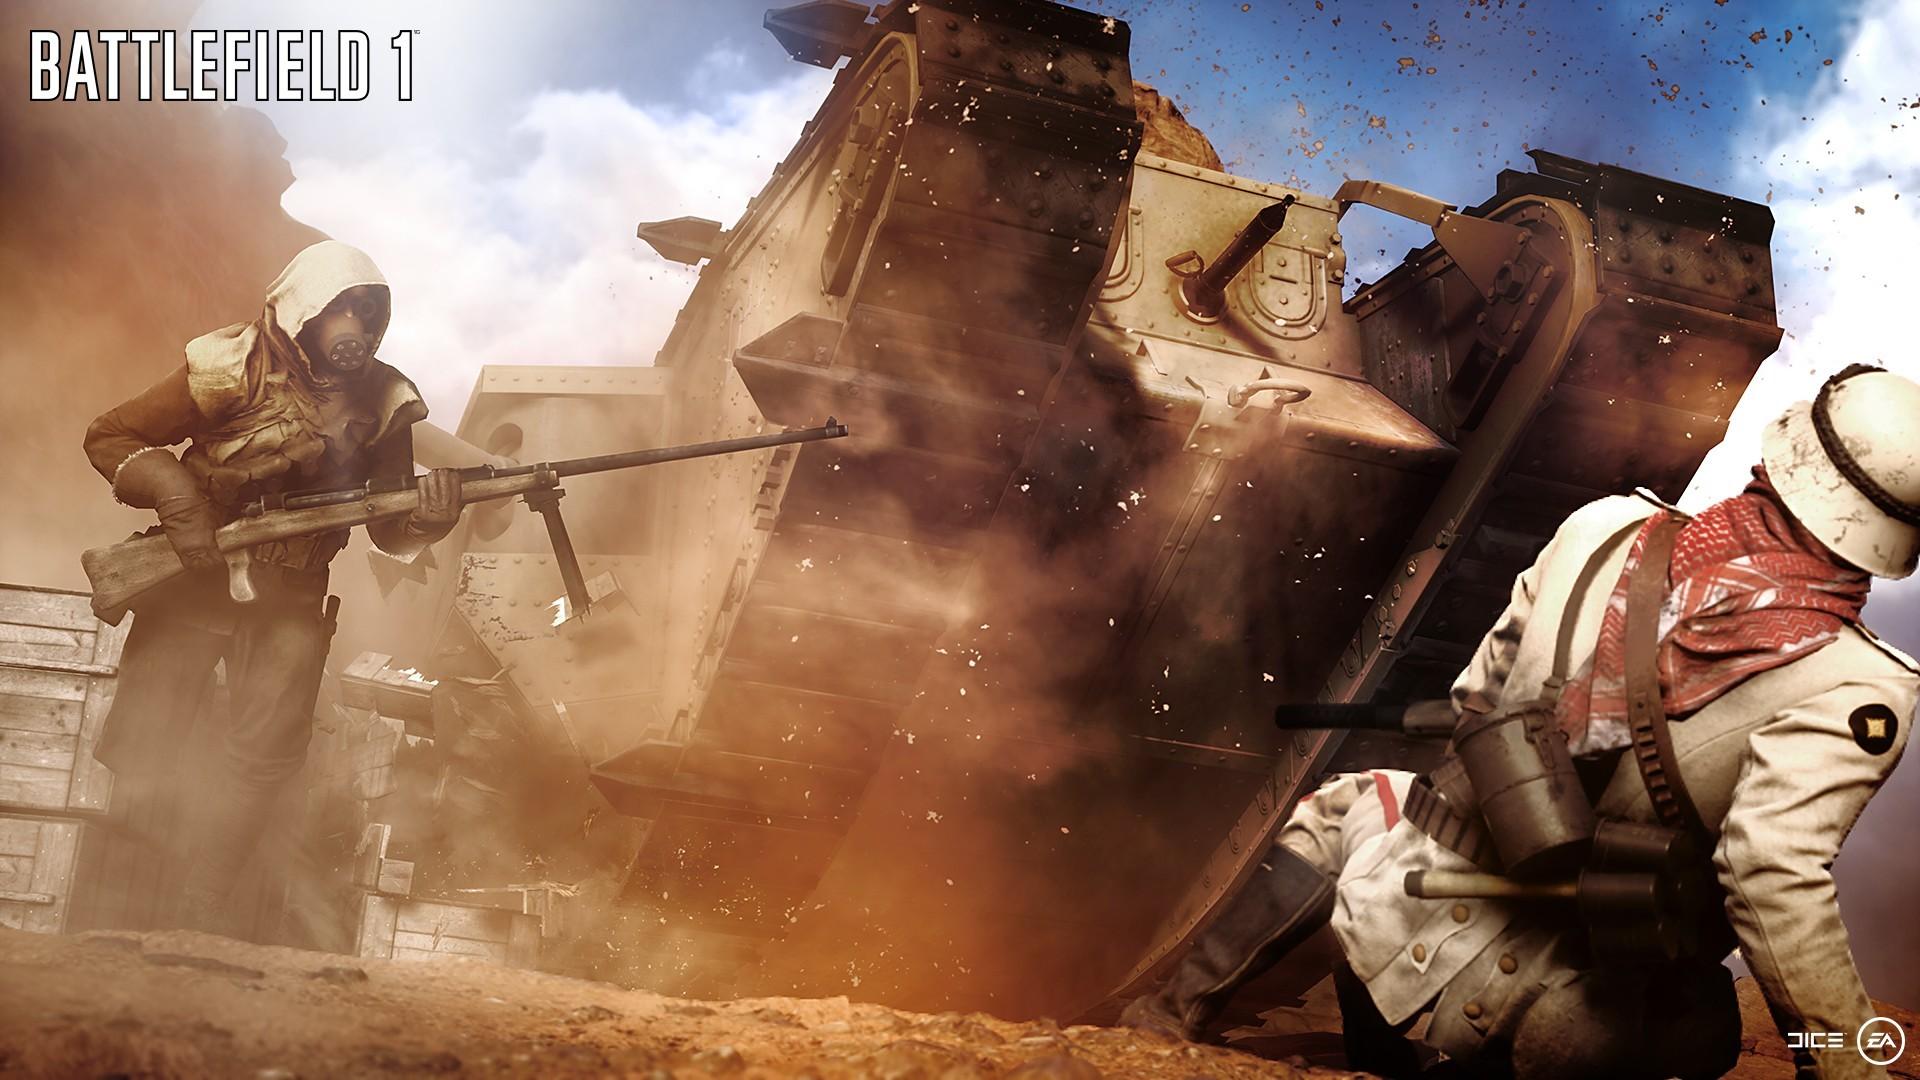 خرید اکانت بازی Battlefield 1 | قابلیت تغییر کلیه مشخصات